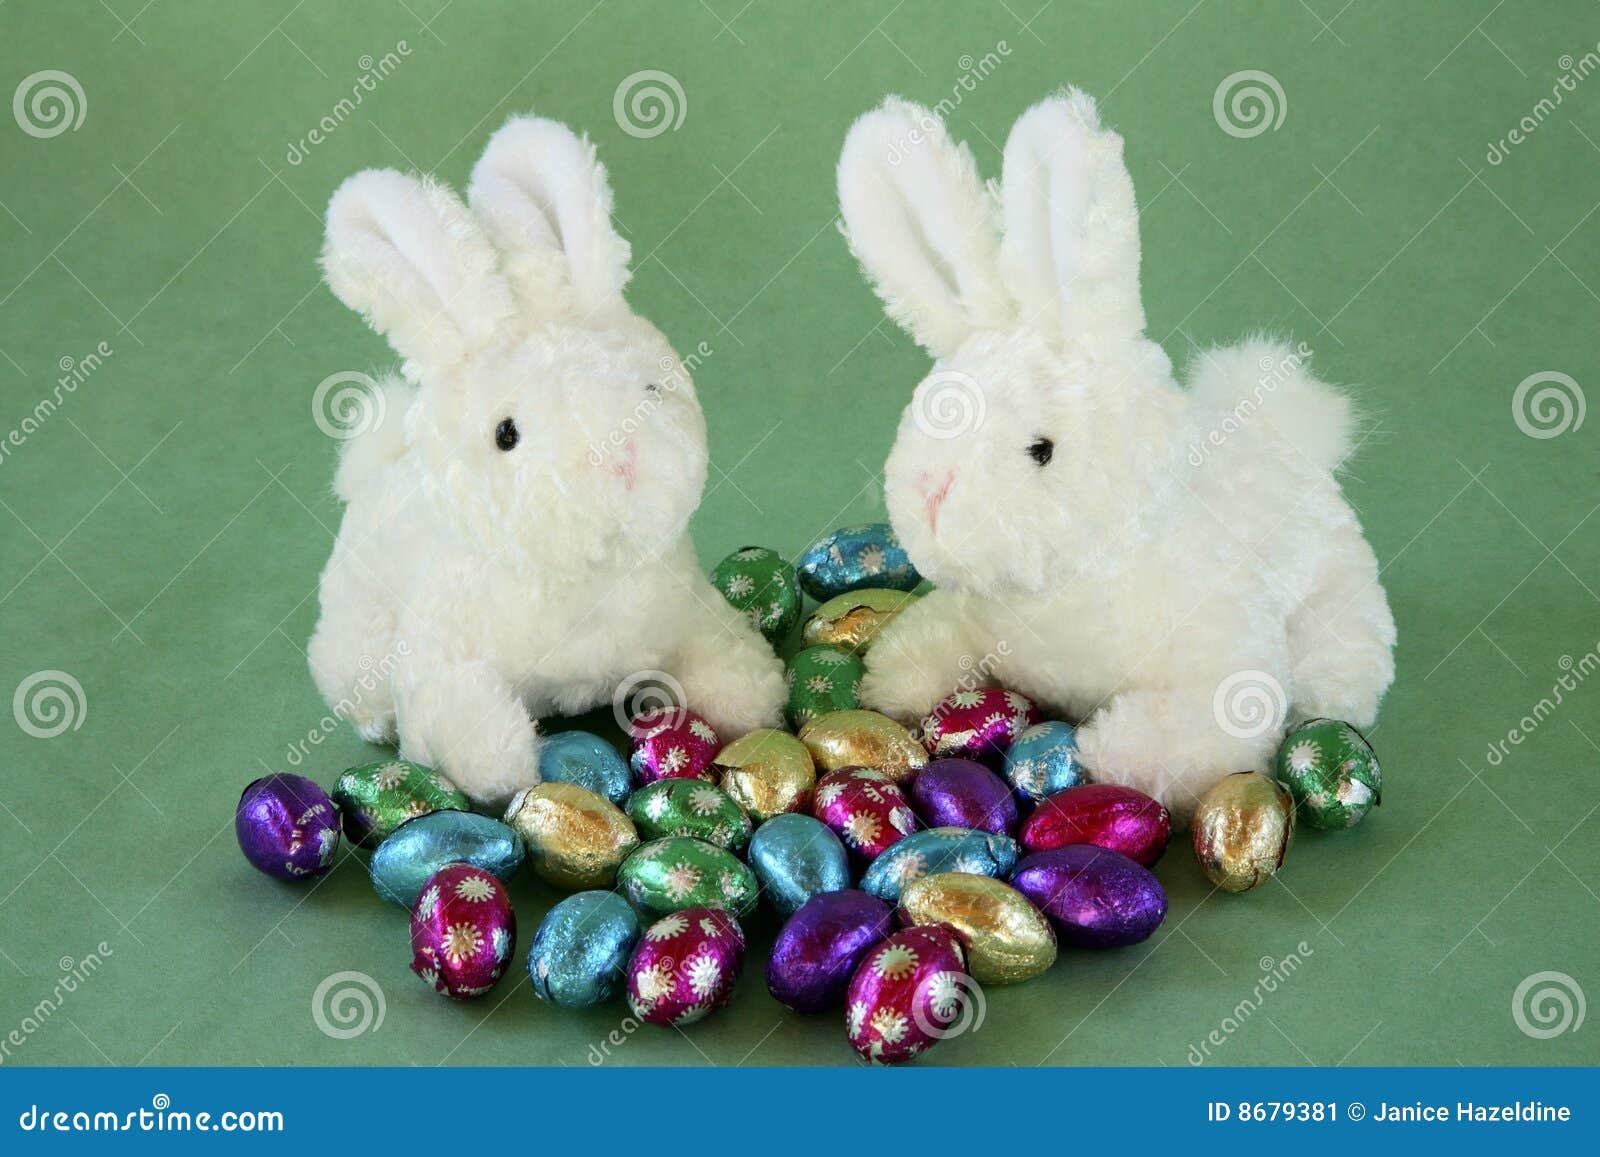 Dos conejitos con los huevos de chocolate miniatura.